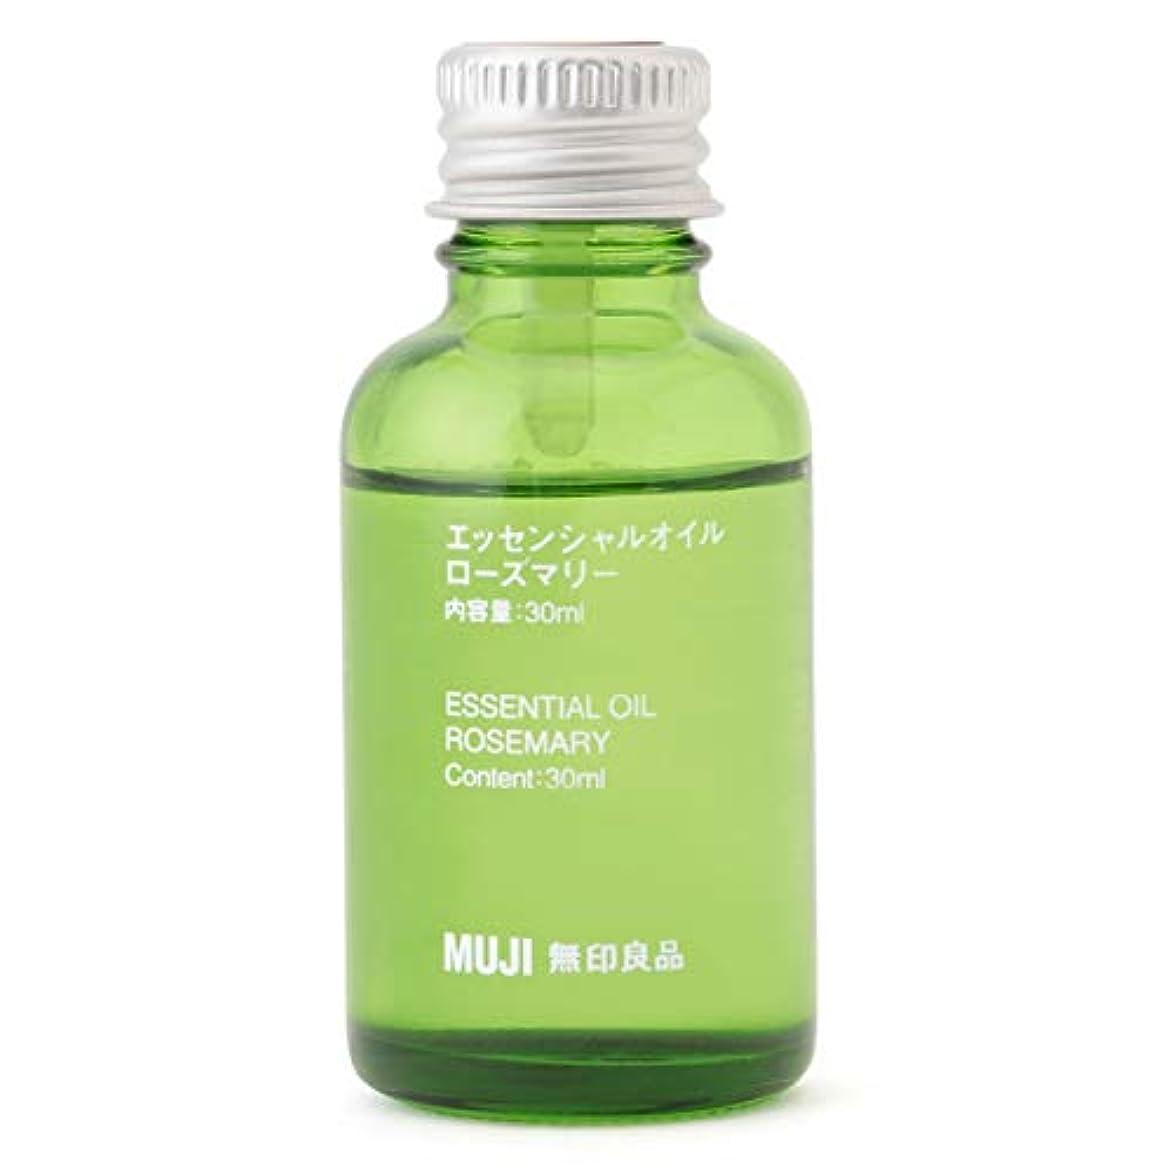 【無印良品】エッセンシャルオイル30ml(ローズマリー)